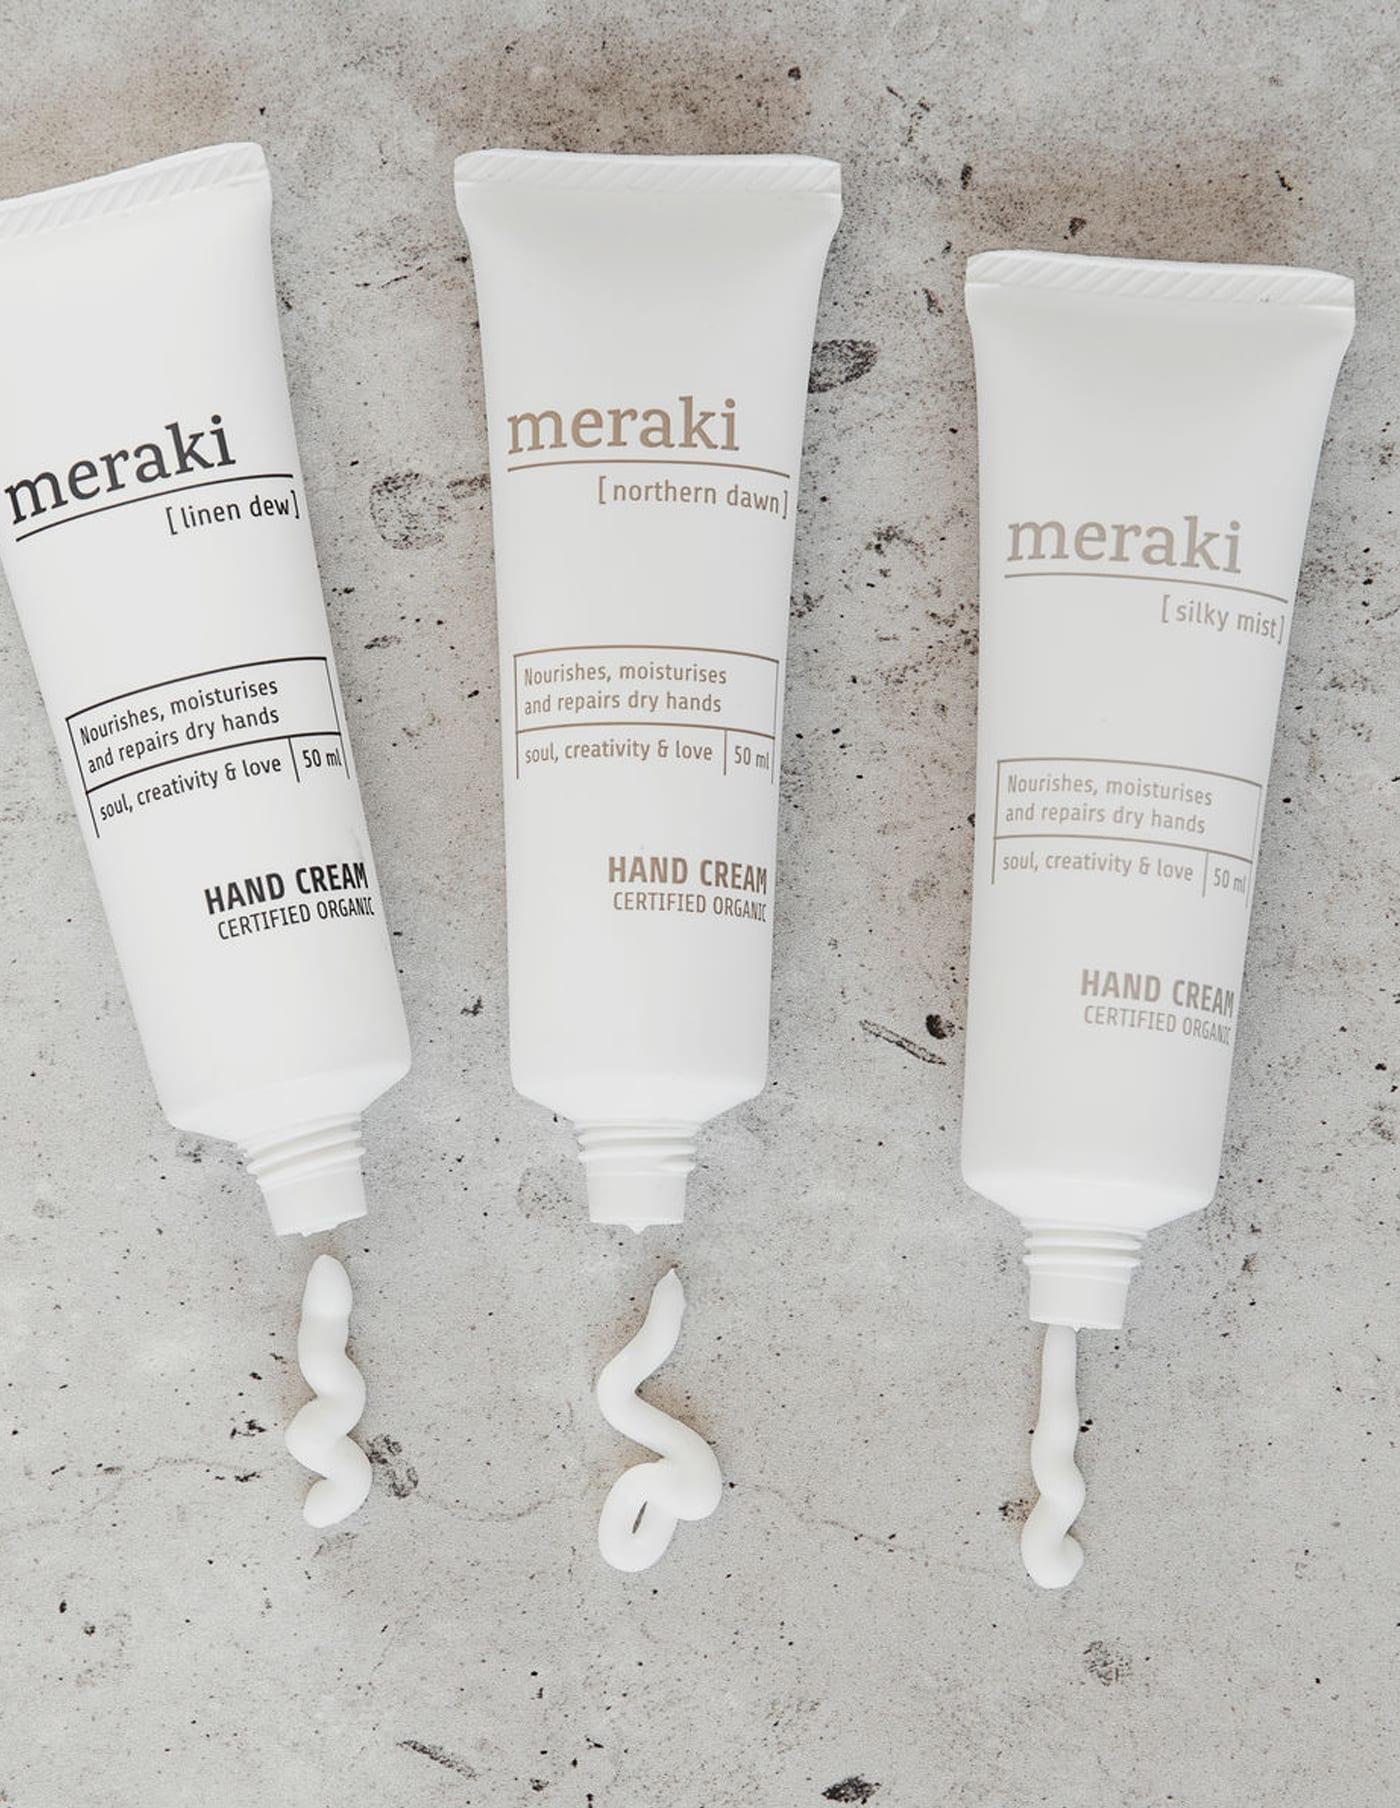 Meraki Hand Cream, Certified Organic